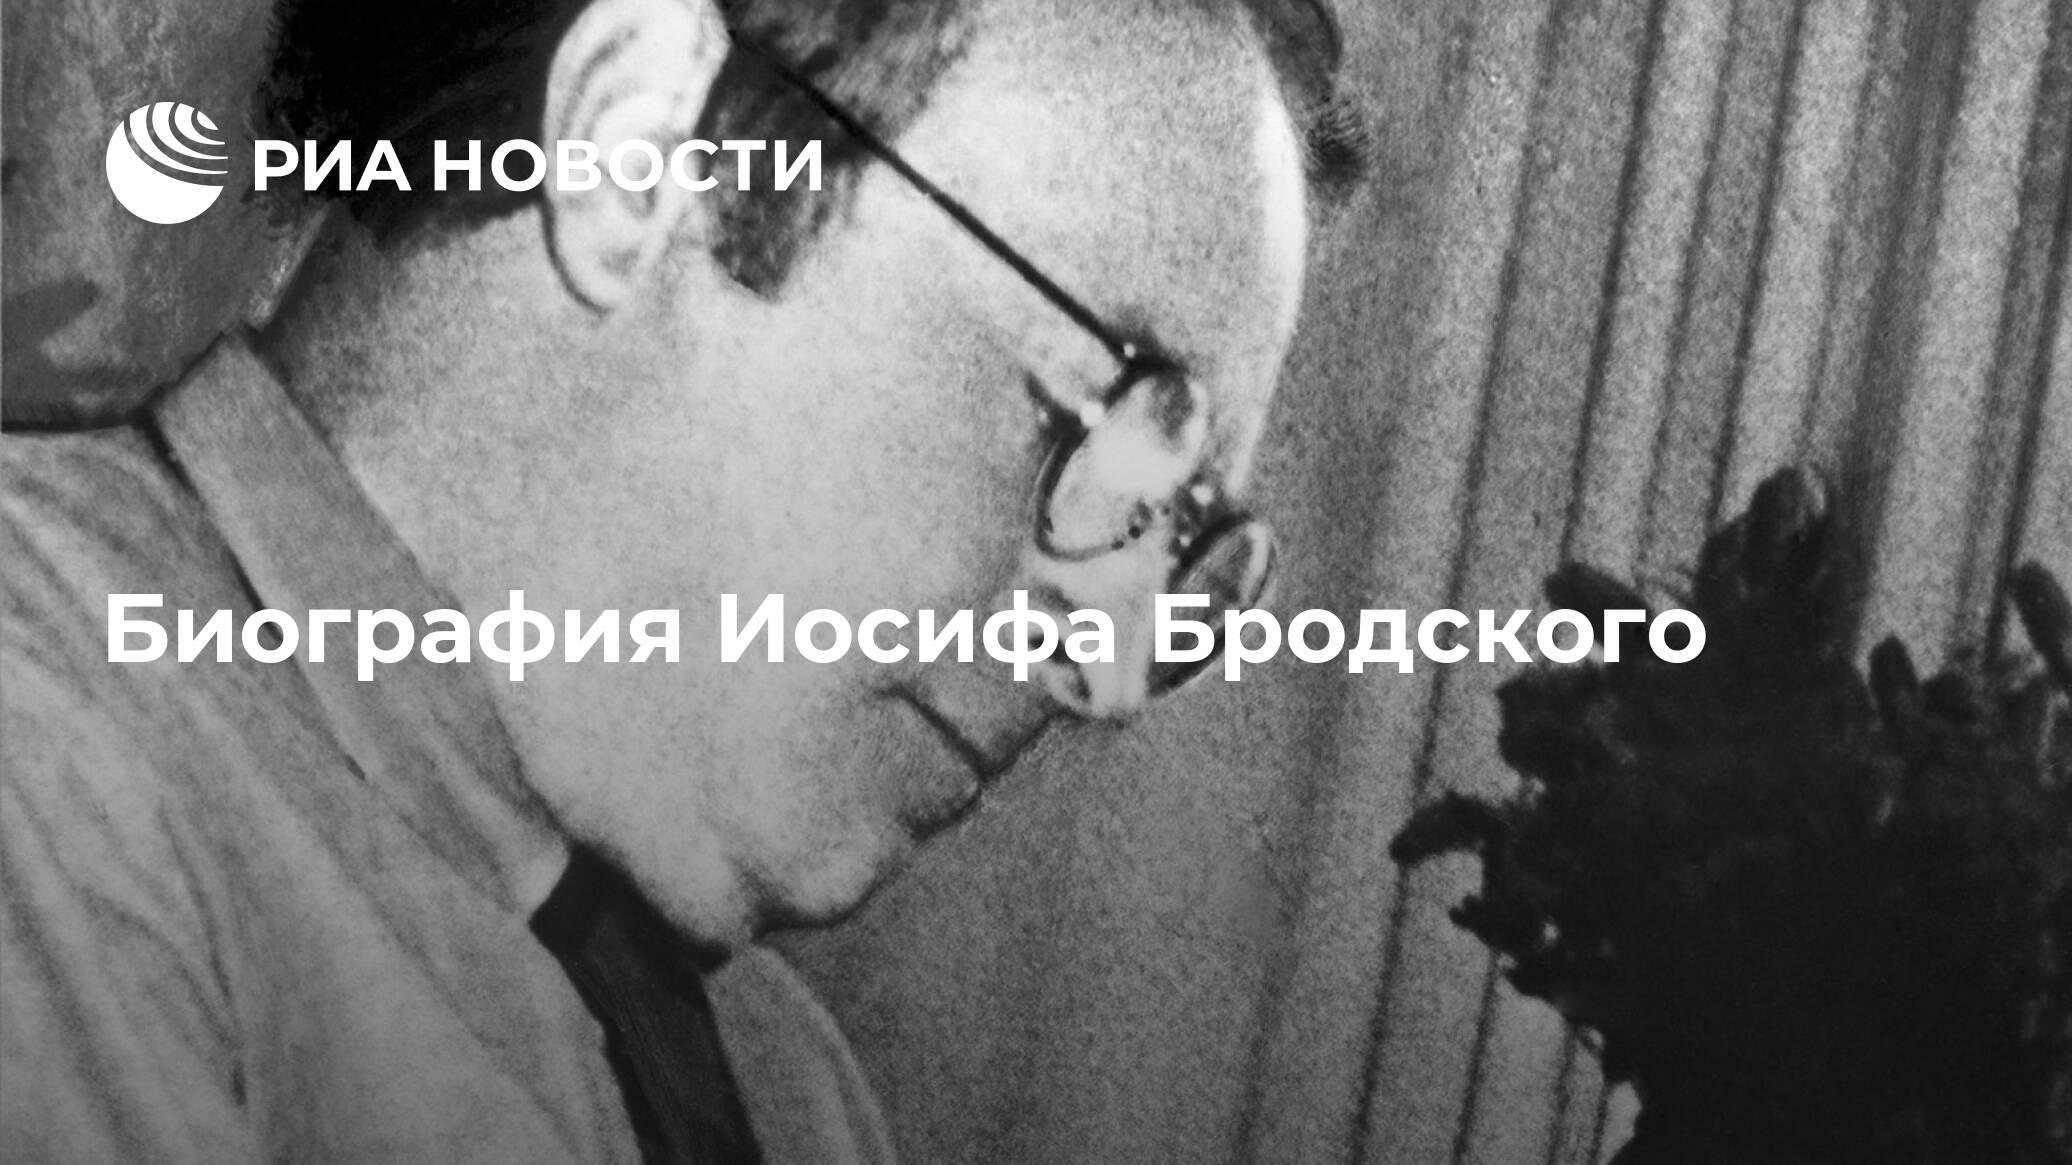 Иосиф кобзон: биография, личная жизнь, фото и видео